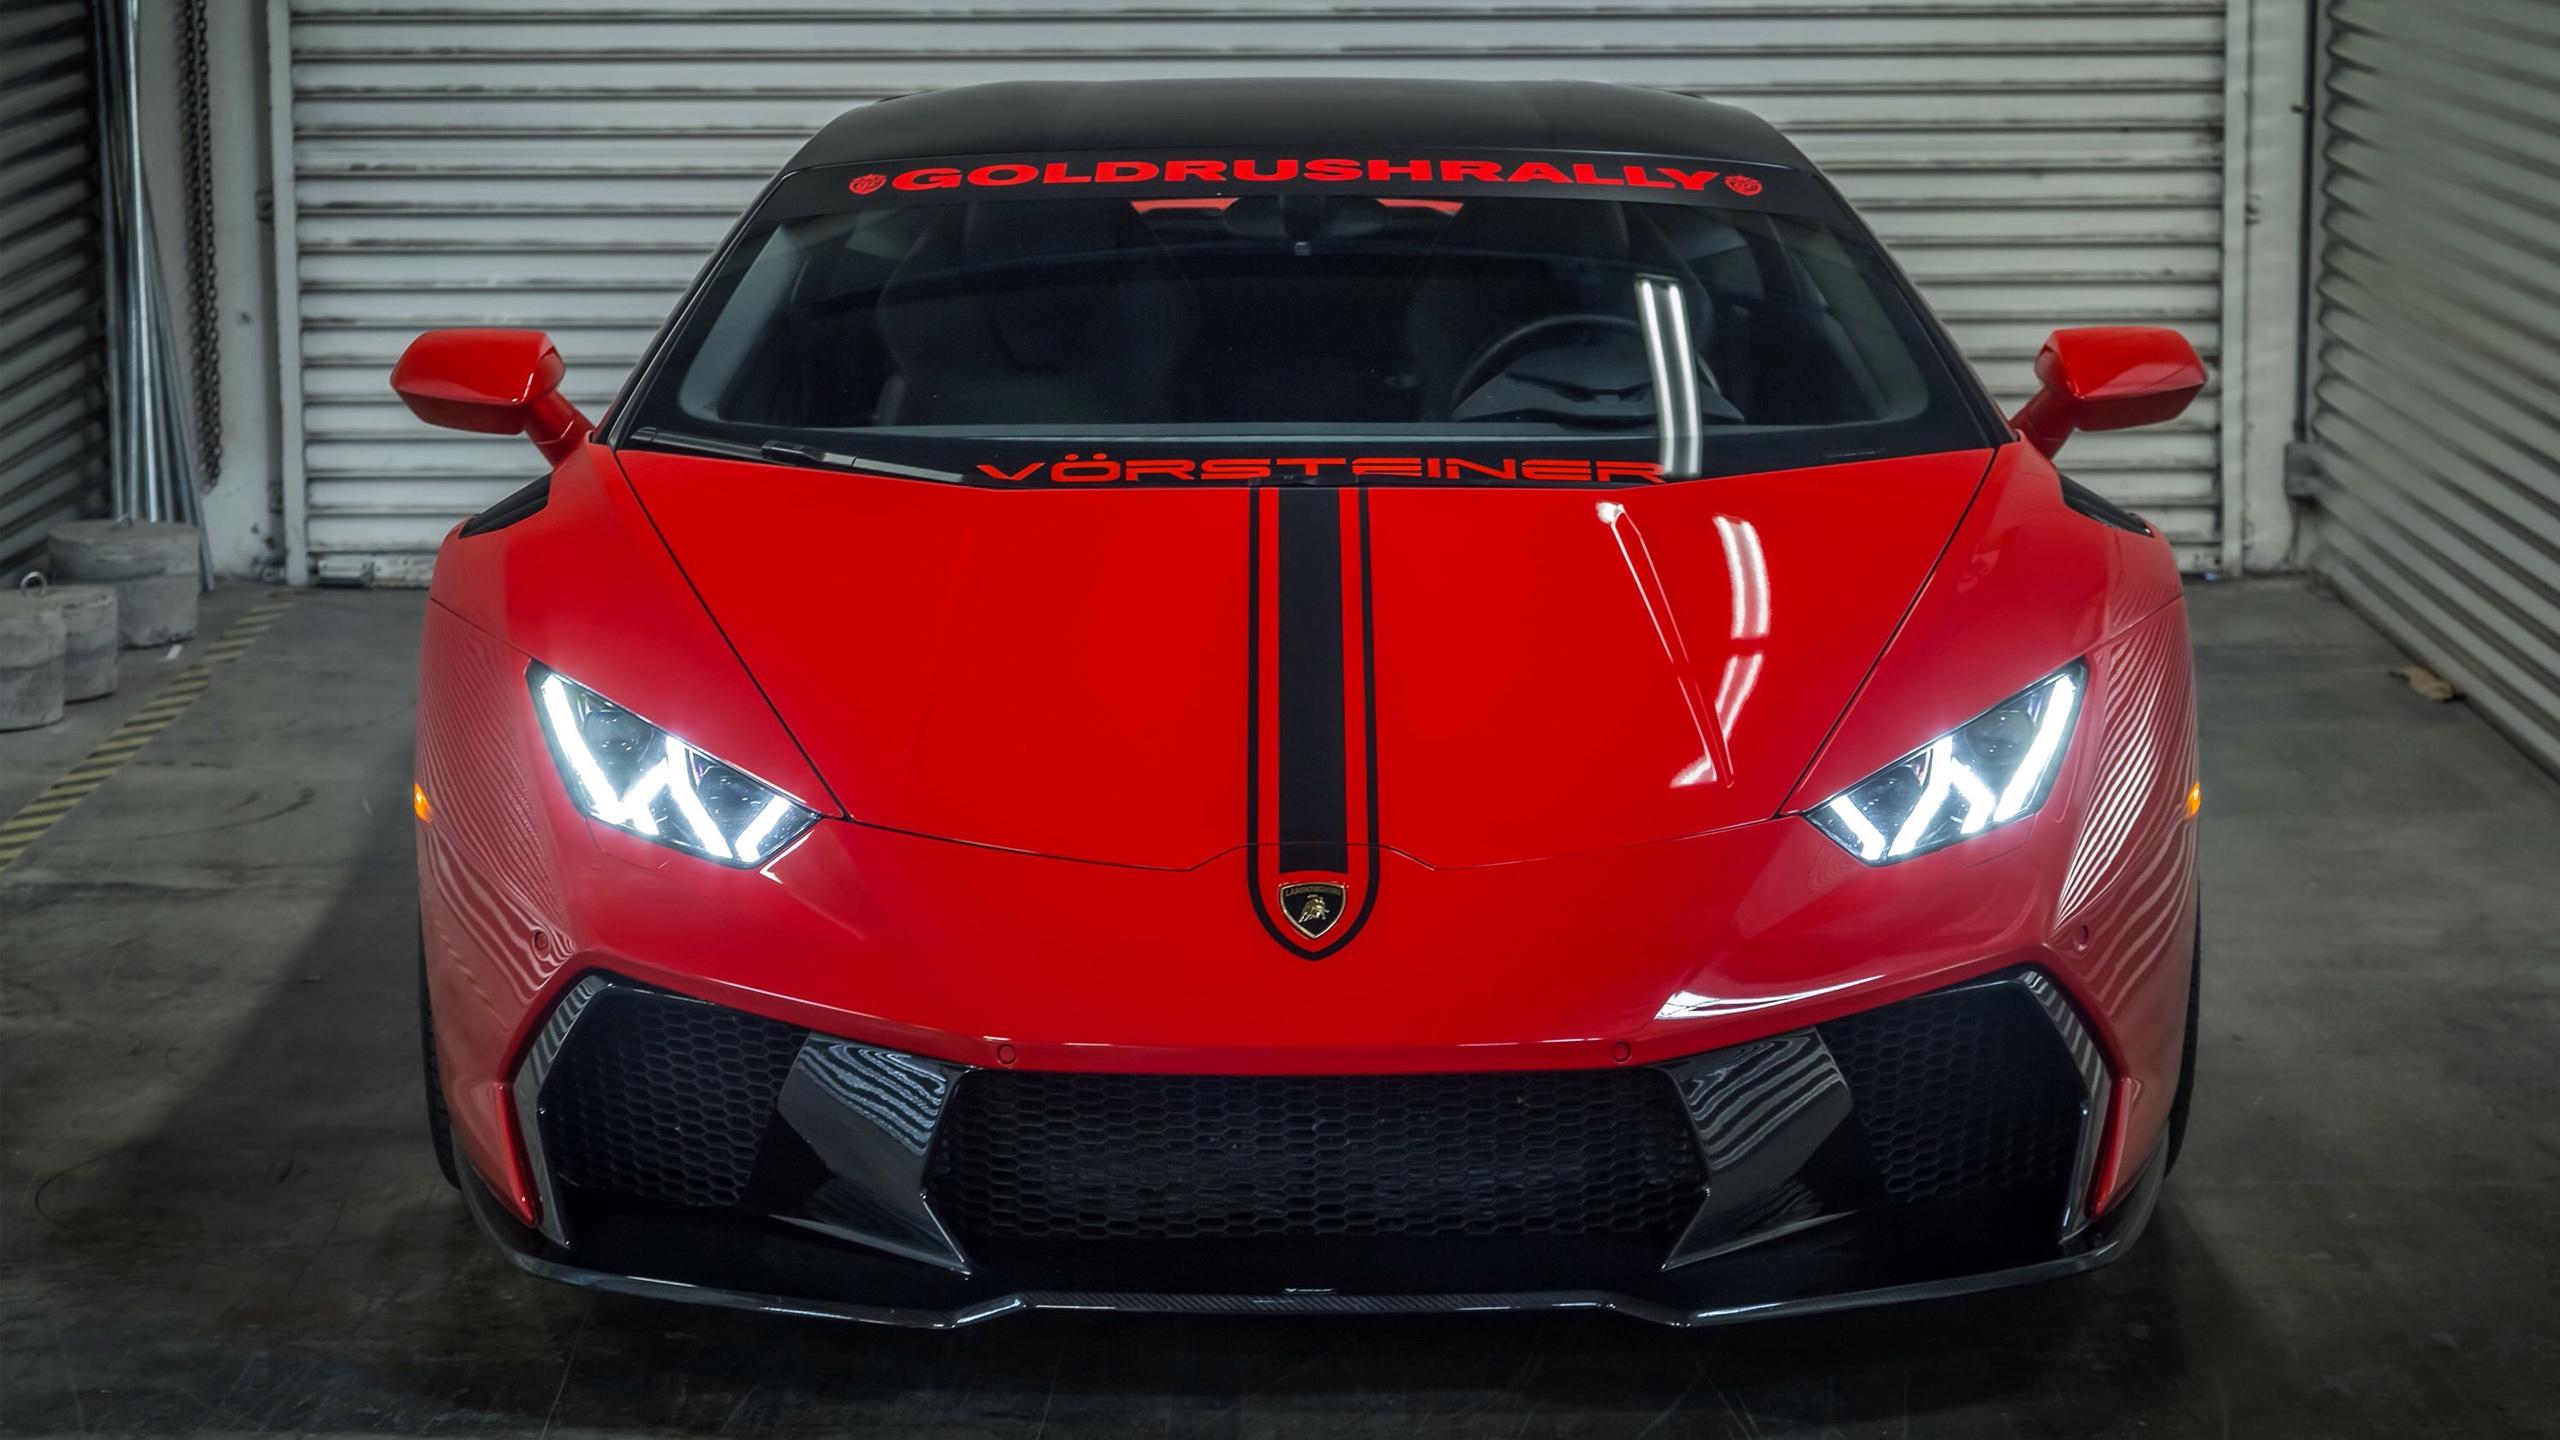 Vorsteiner Lamborghini Huracan Novara Wallpaper Hd Car Wallpapers